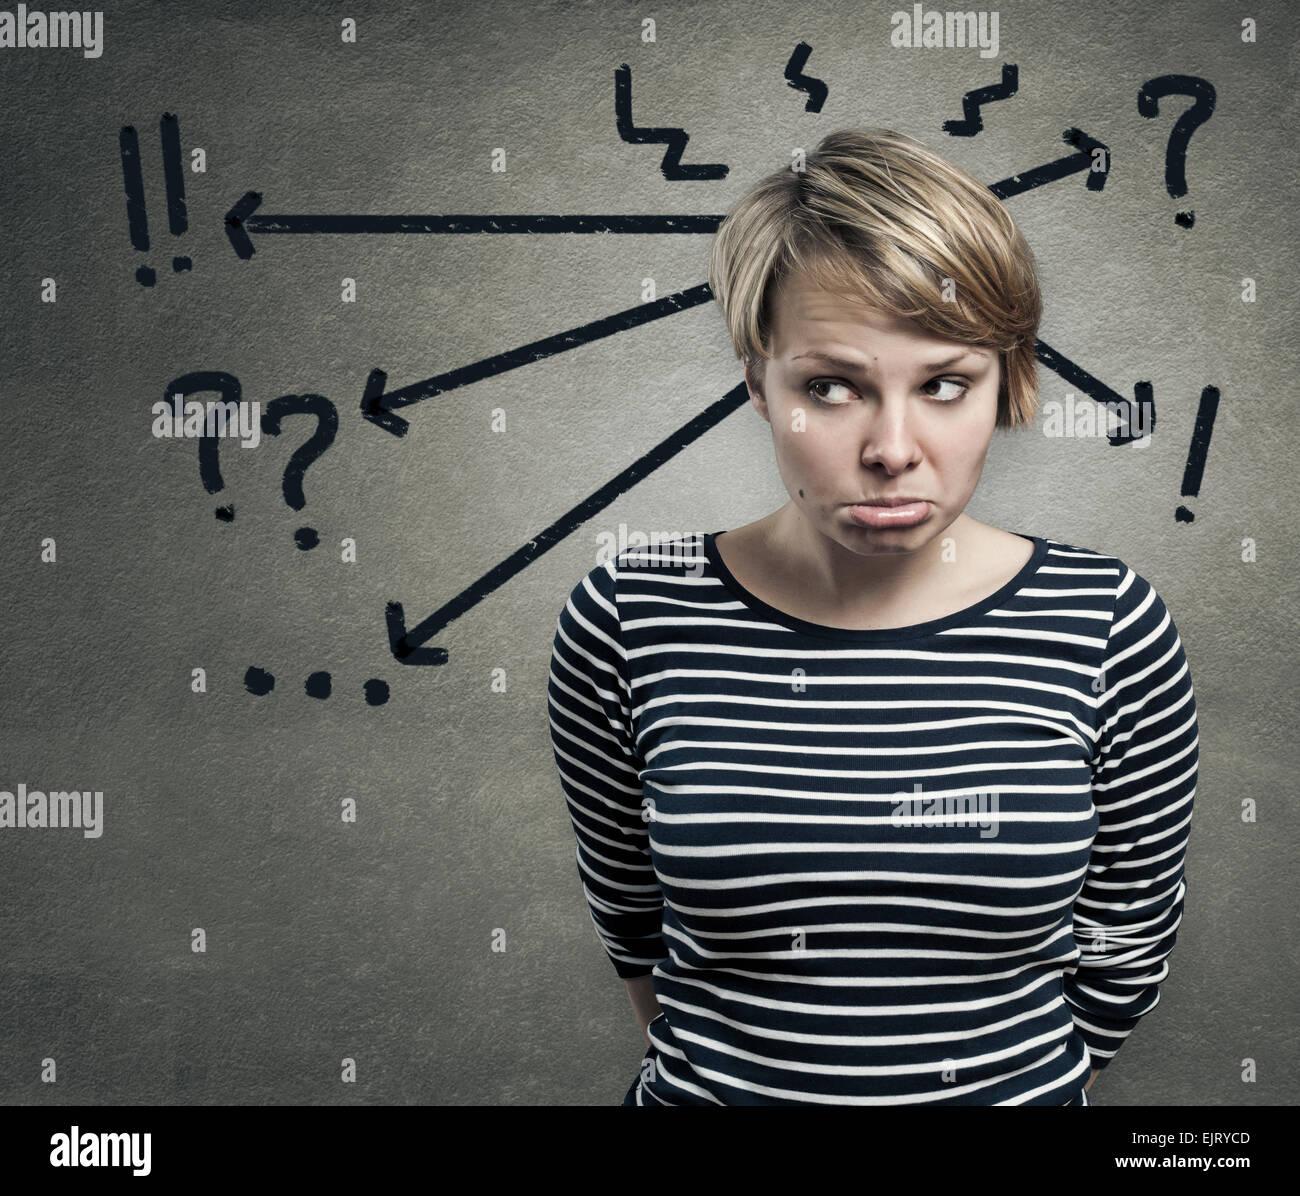 Illustrazione di una giovane donna in dubbio il concetto di confusione Immagini Stock